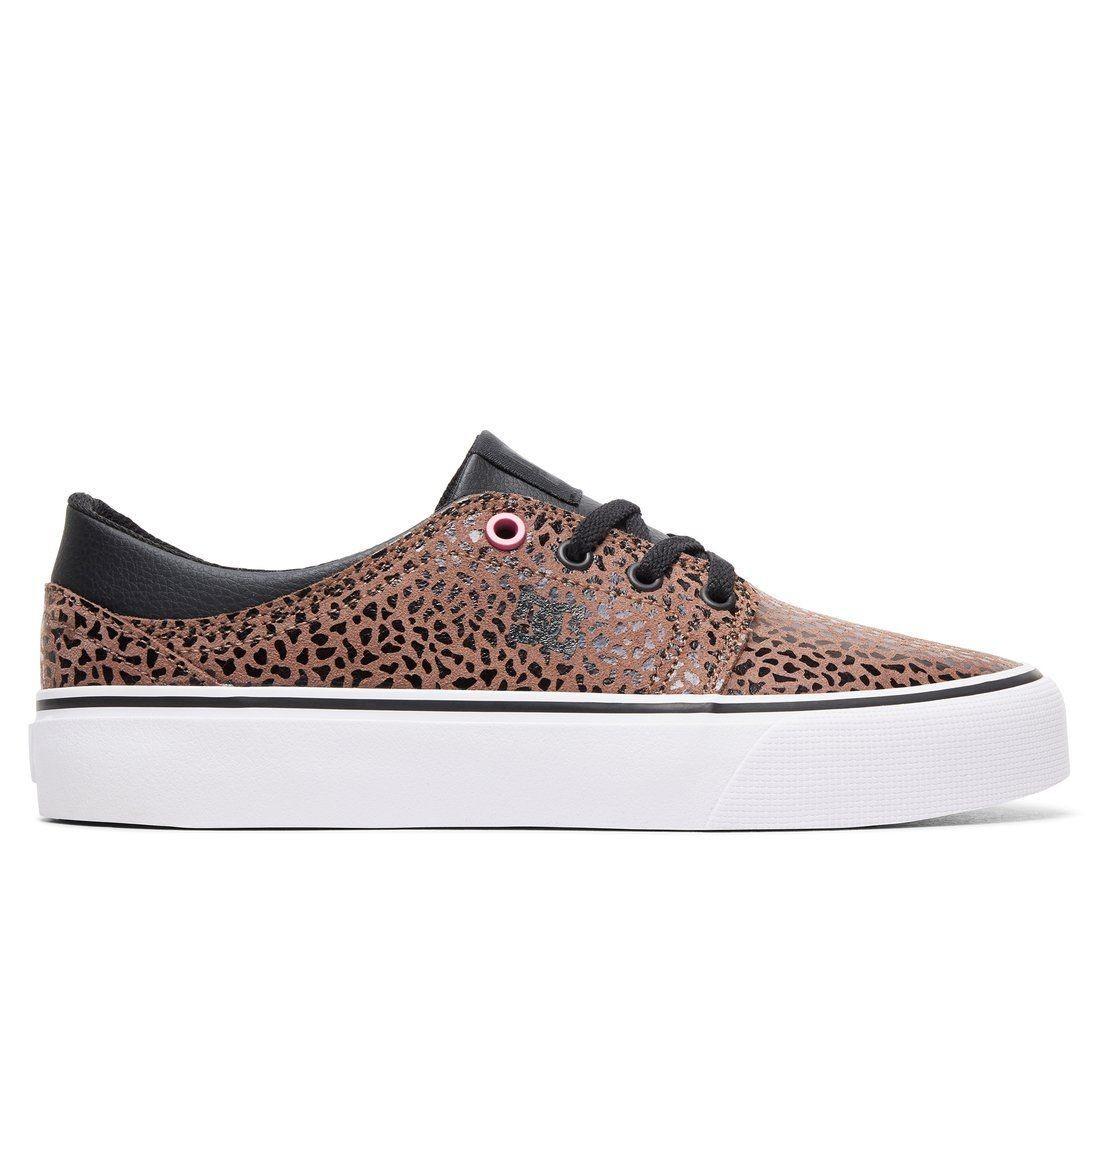 1daa5558 14 zapatillas para mujer rebajadas en eBay para comenzar el otoño: DC Shoes,  Nike, Lois, Desigual, Hakimono, Mustang.